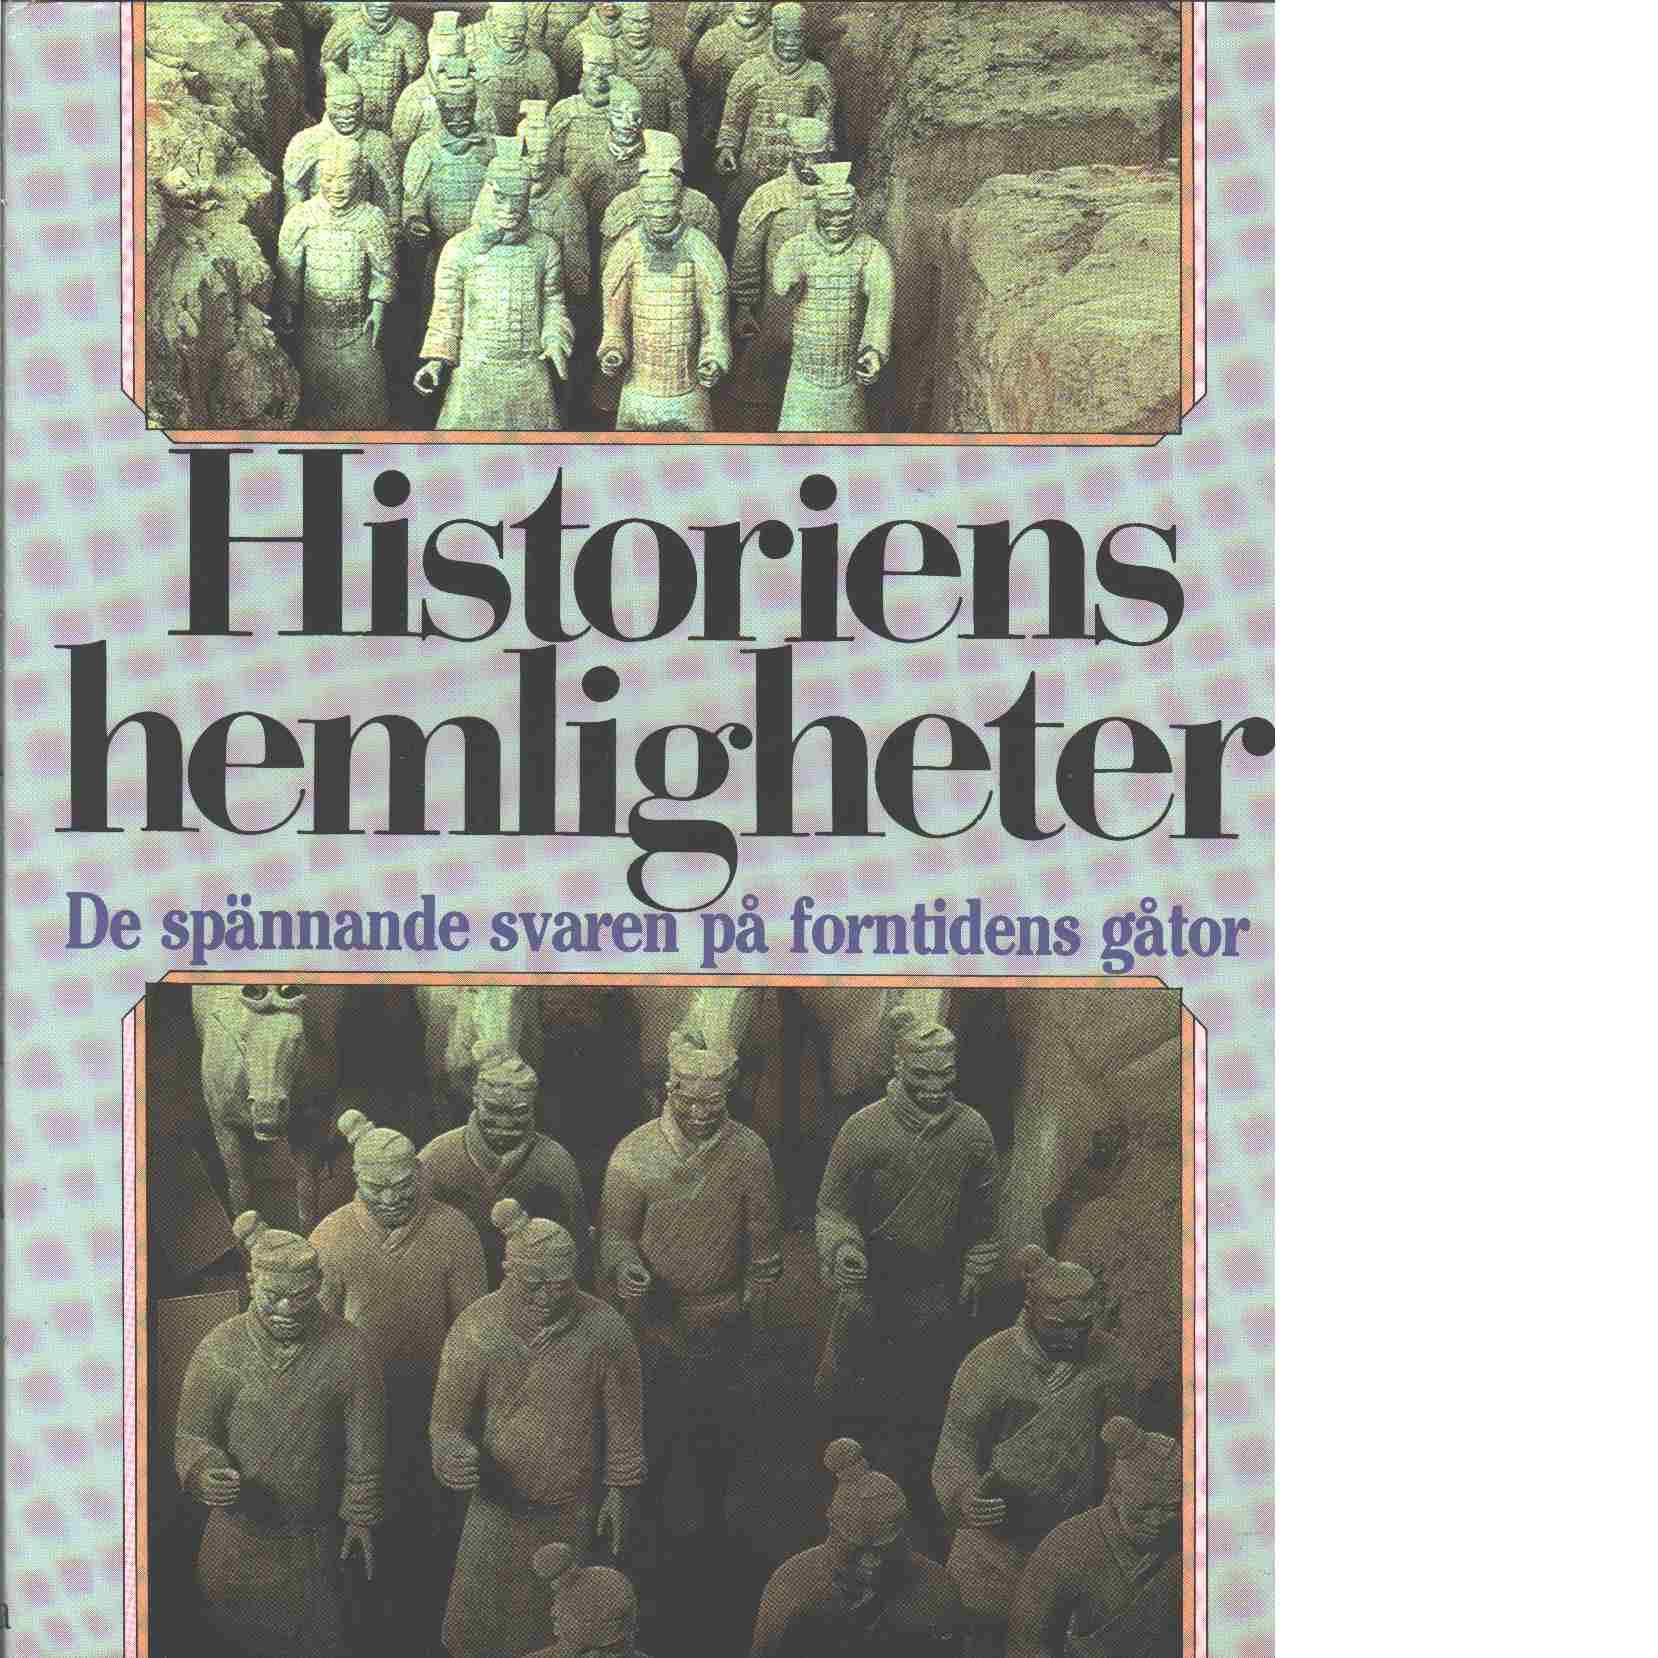 Historiens hemligheter : de spännande svaren på forntidens gåtor - Red. Det bästa